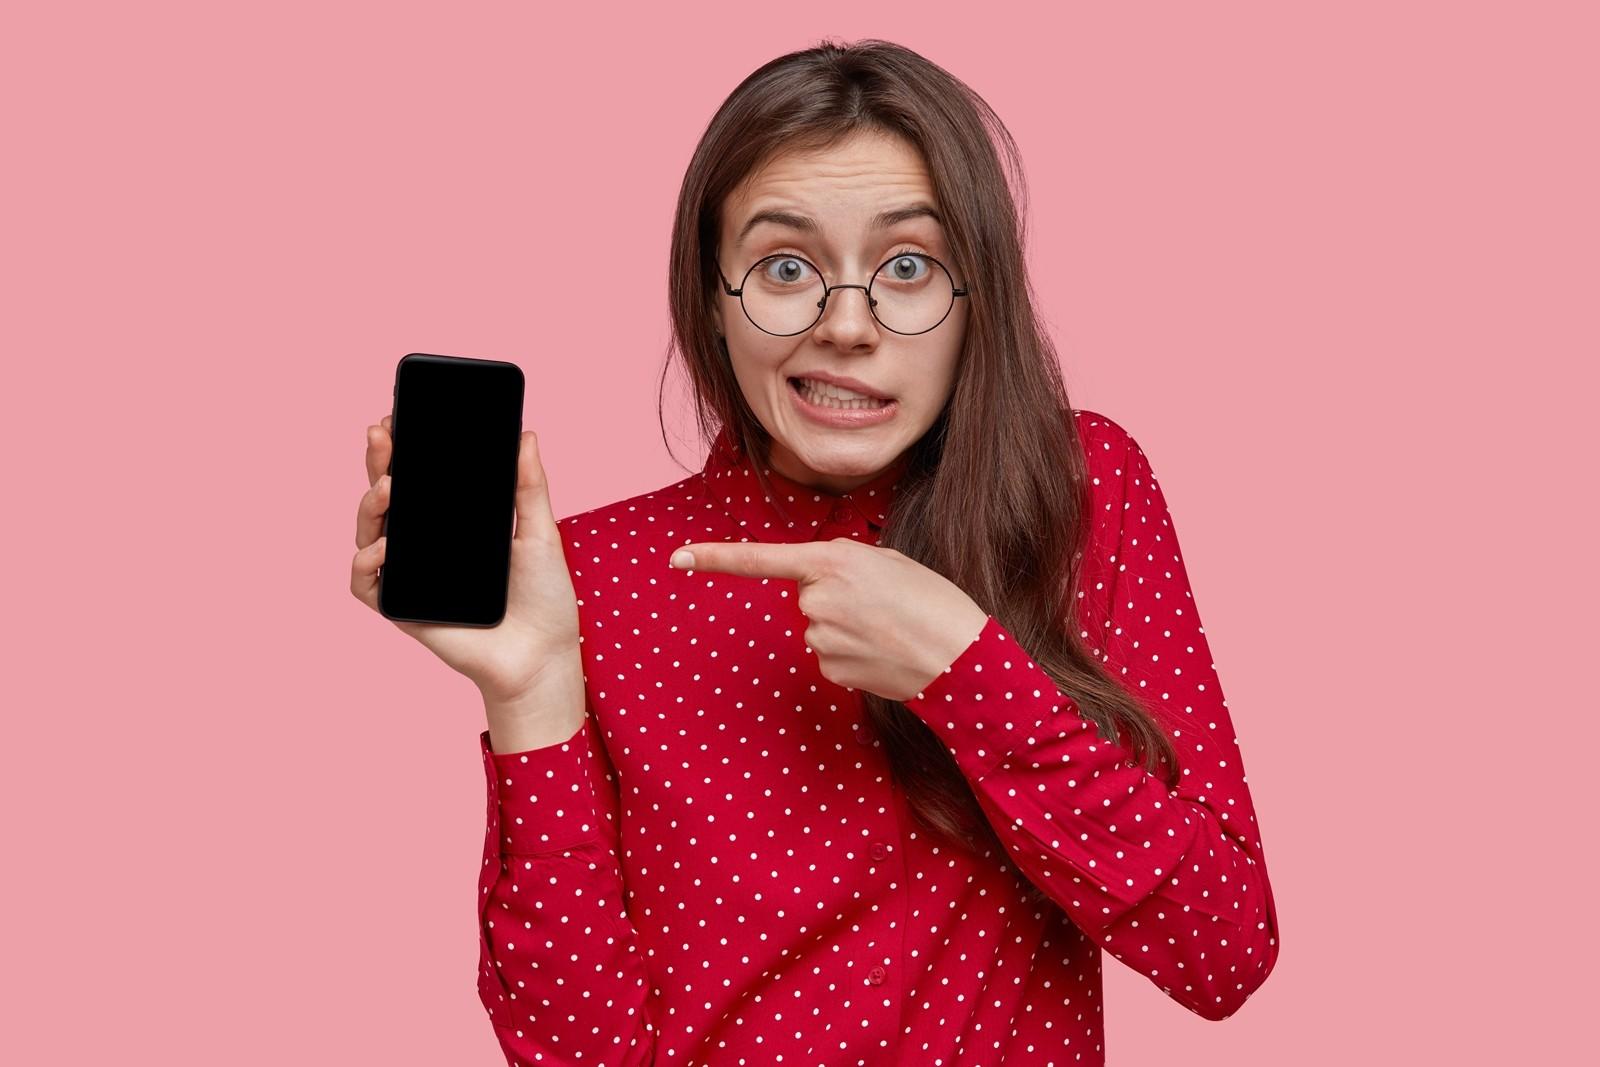 เมื่อสมาร์ทโฟนกลายเป็นเครื่องมือที่ครอบคลุมชีวิตทุกด้าน